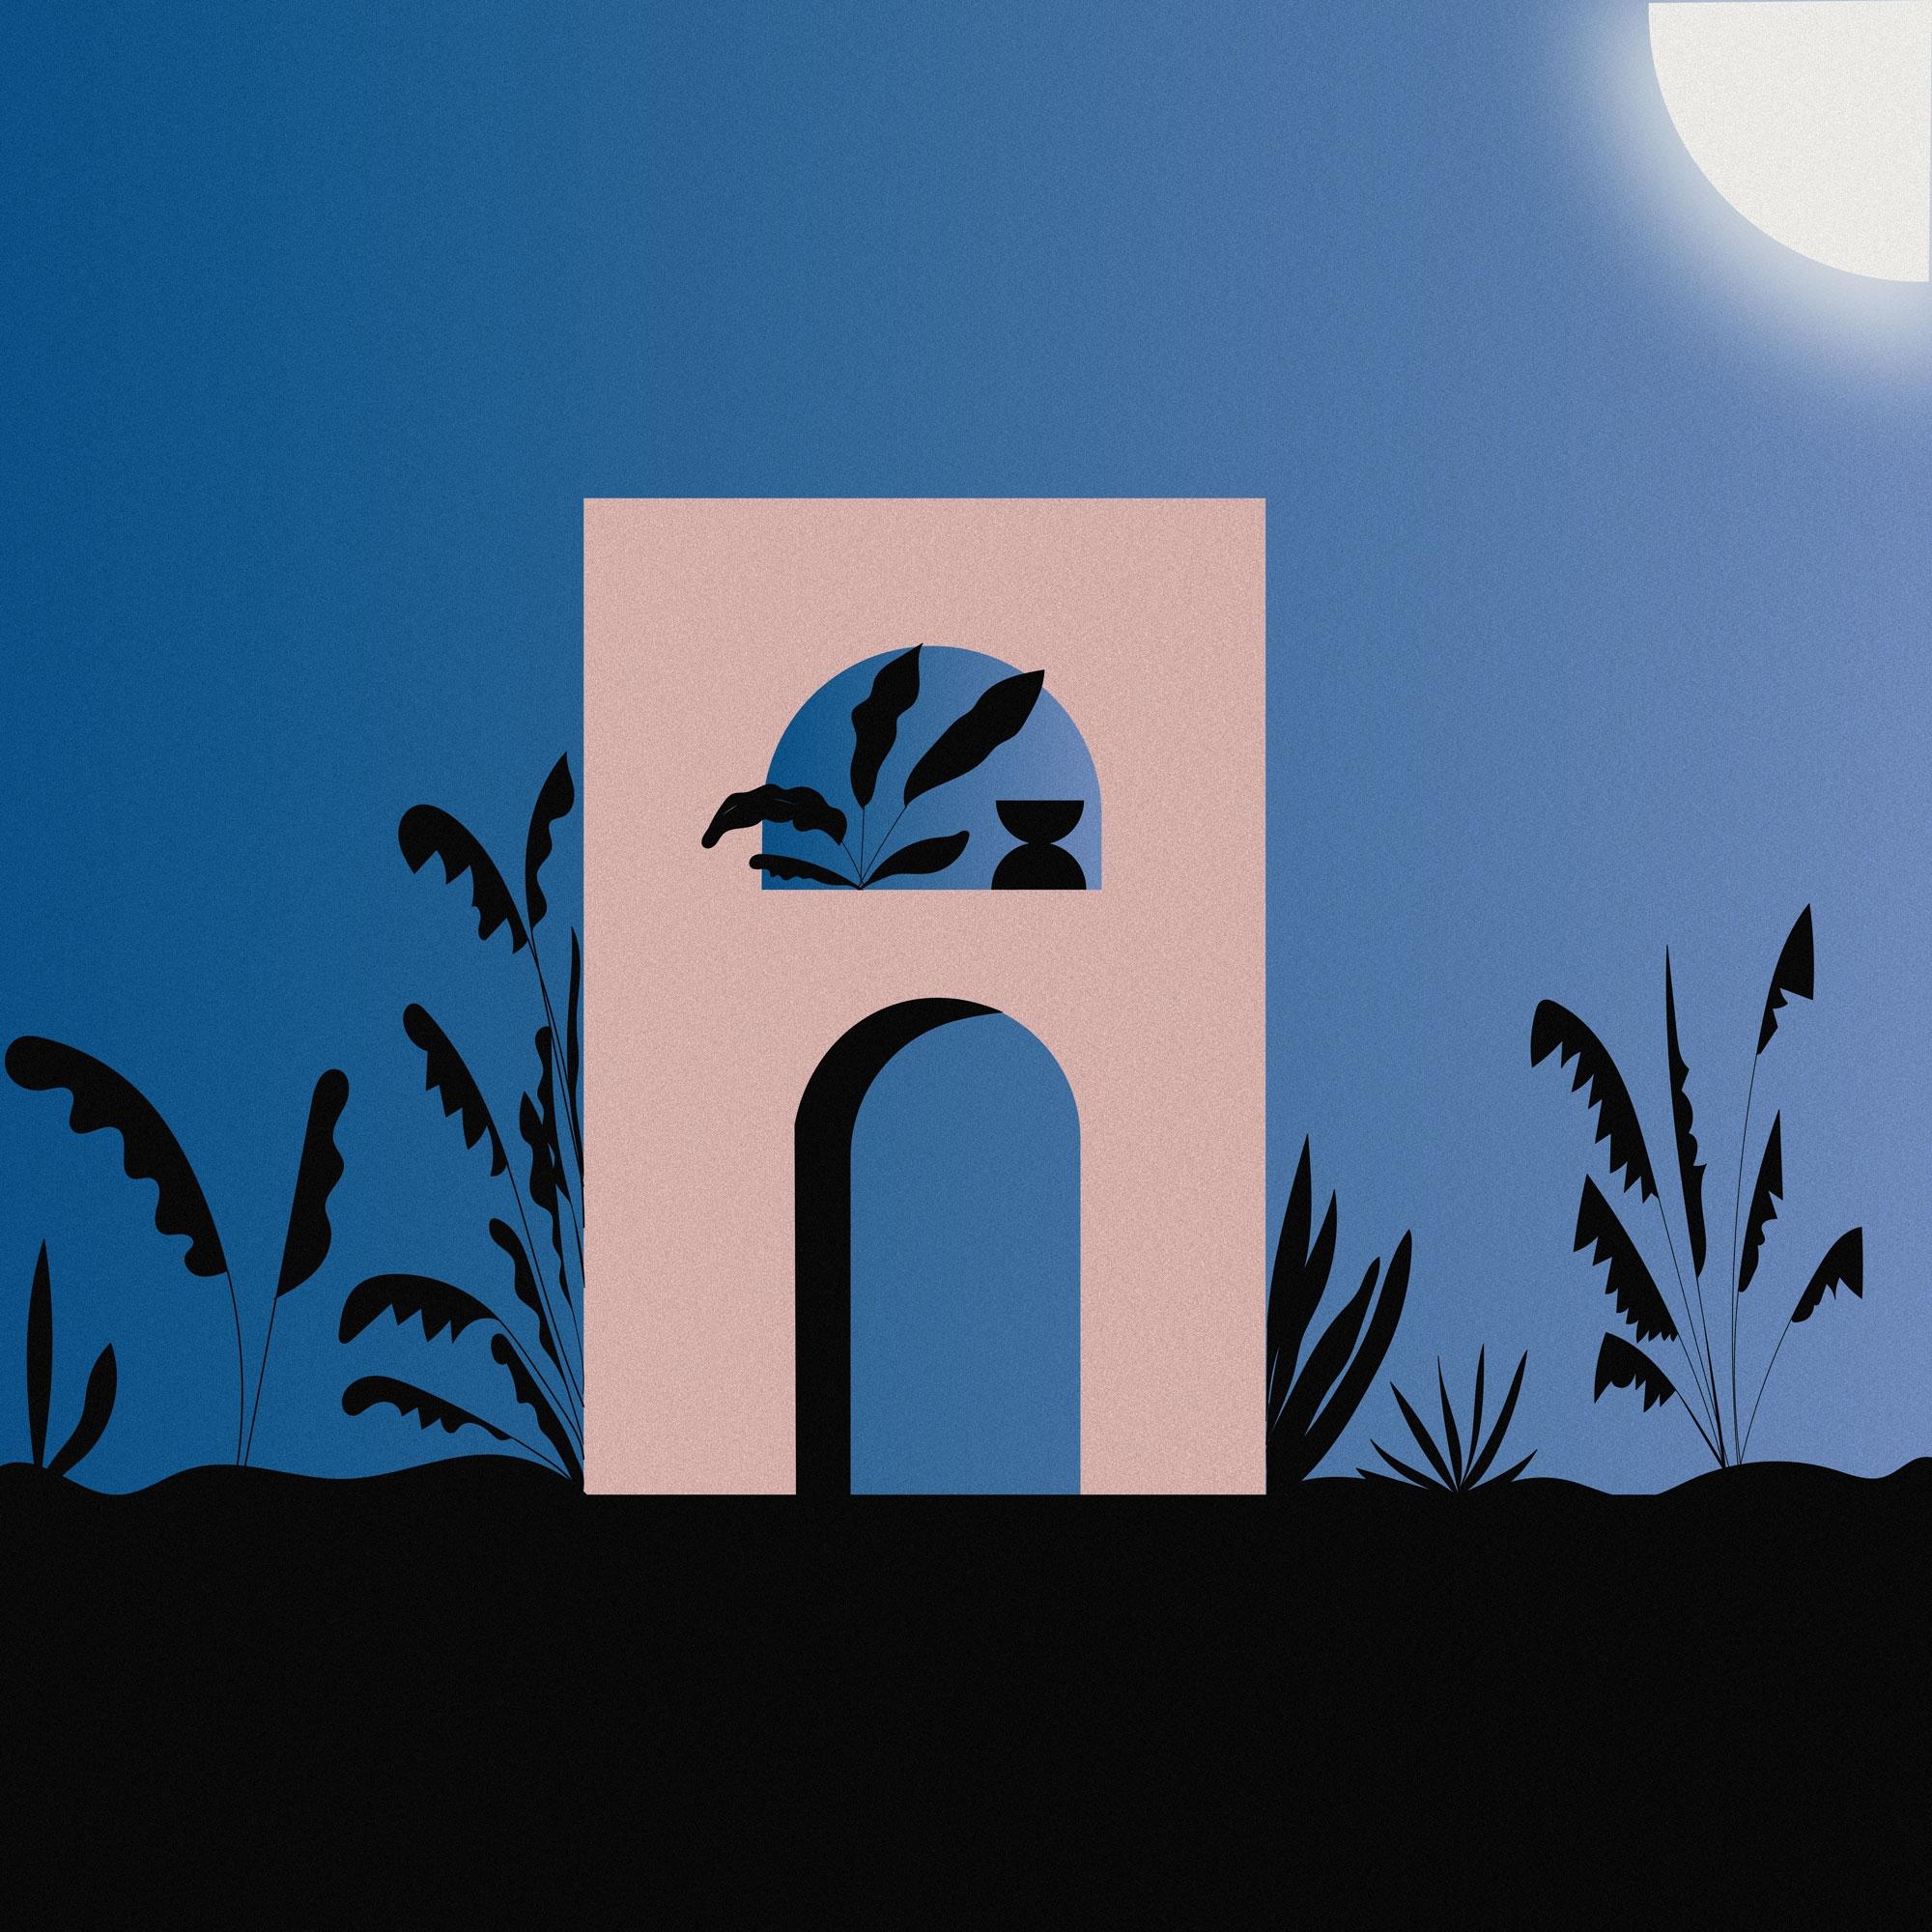 (Night - illustration, art, abstract - alejandragarcia | ello